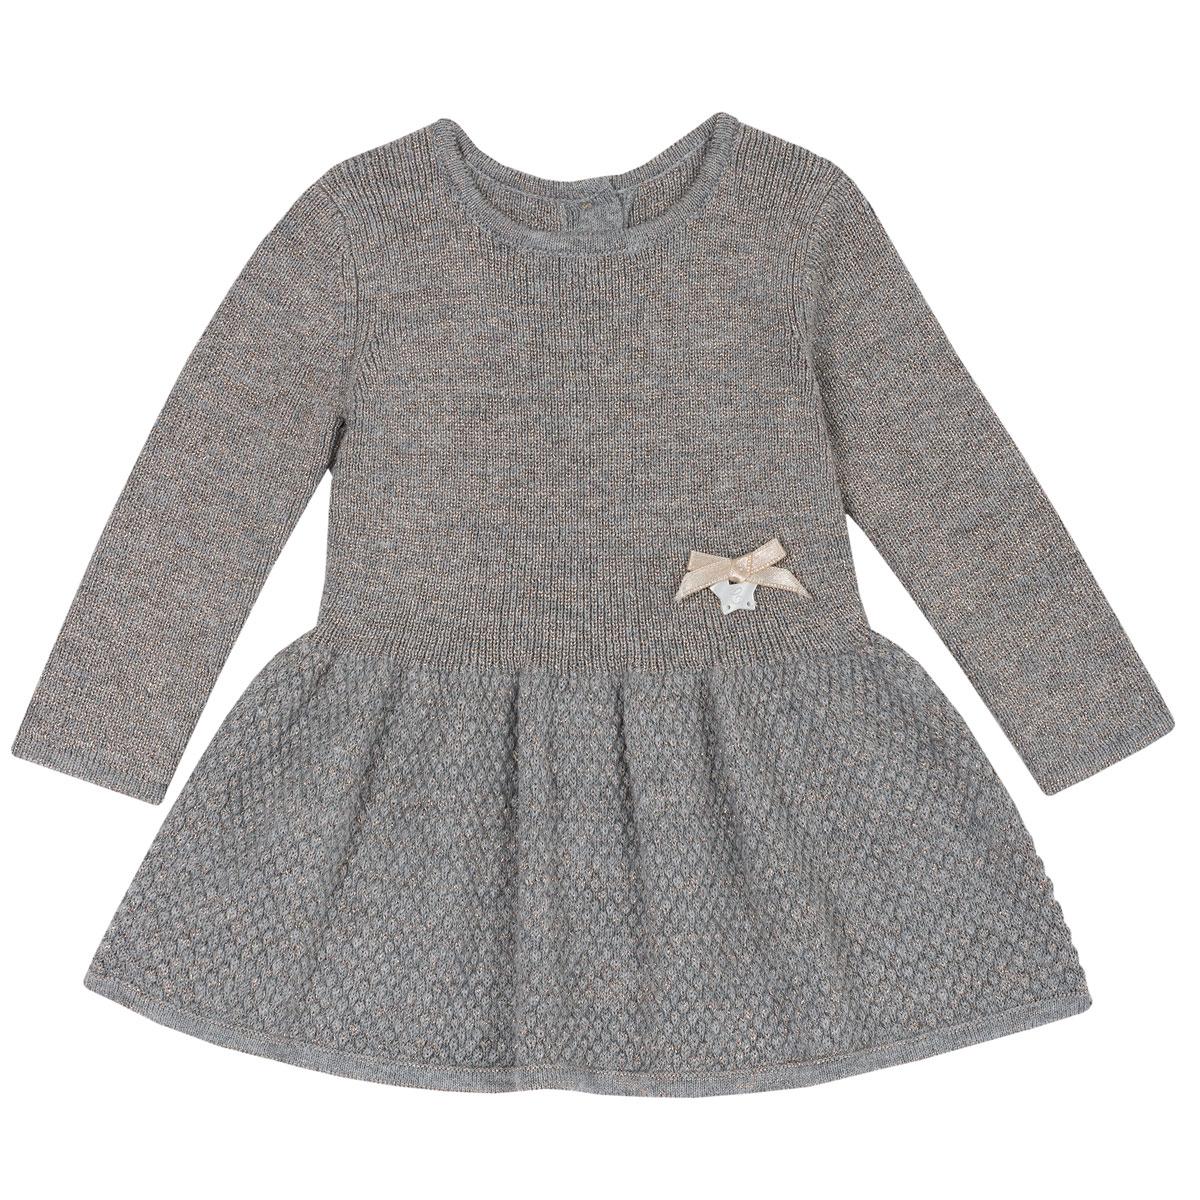 Rochie copii Chicco, tricotata, maneca lunga, gri, 03532 din categoria Rochii, Fuste